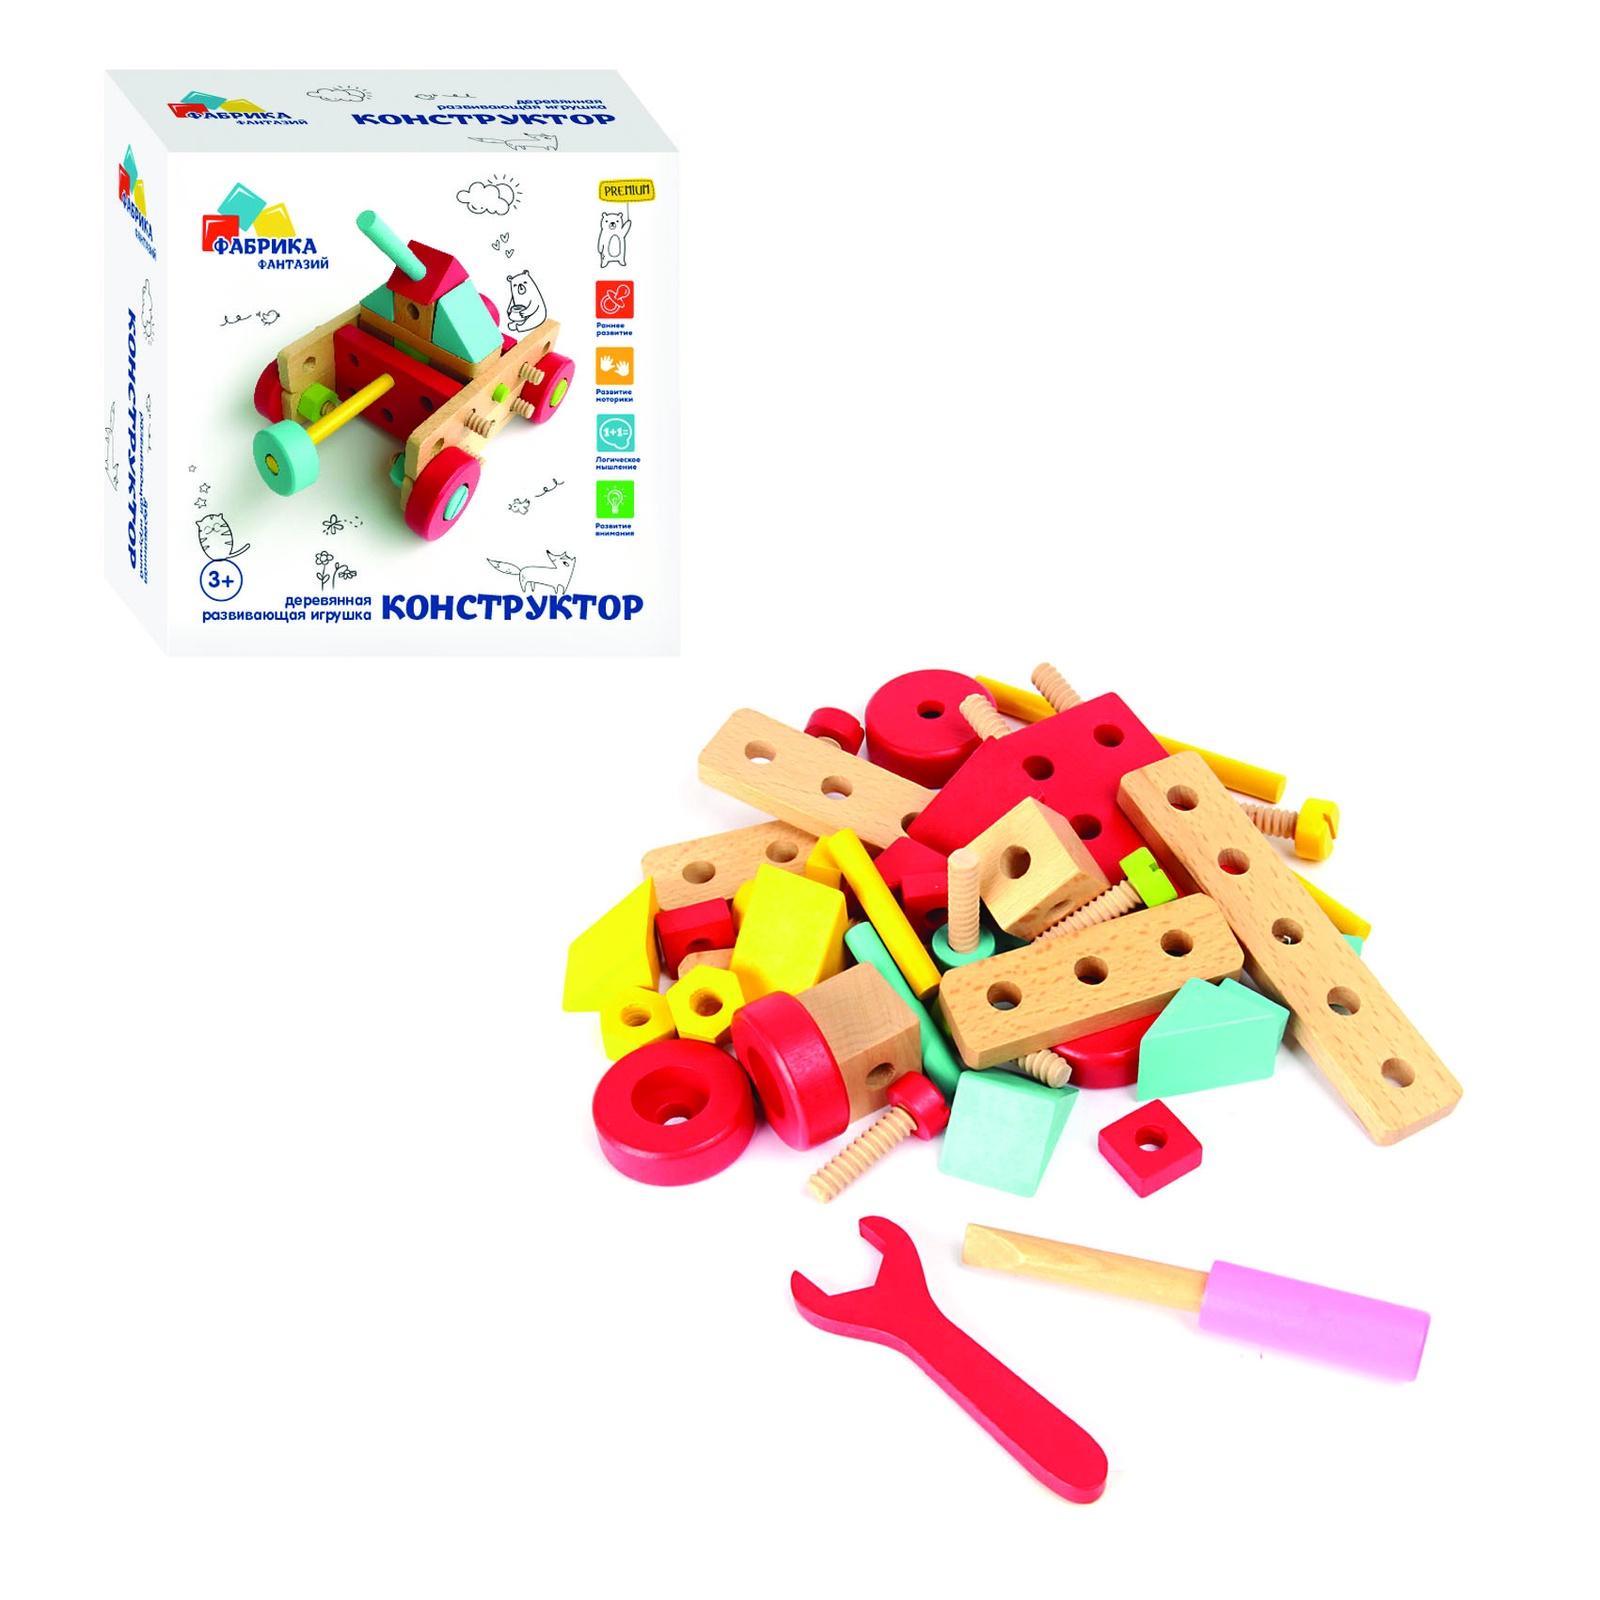 Развивающая игрушка Фабрика Фантазий 72660, 72660 цена